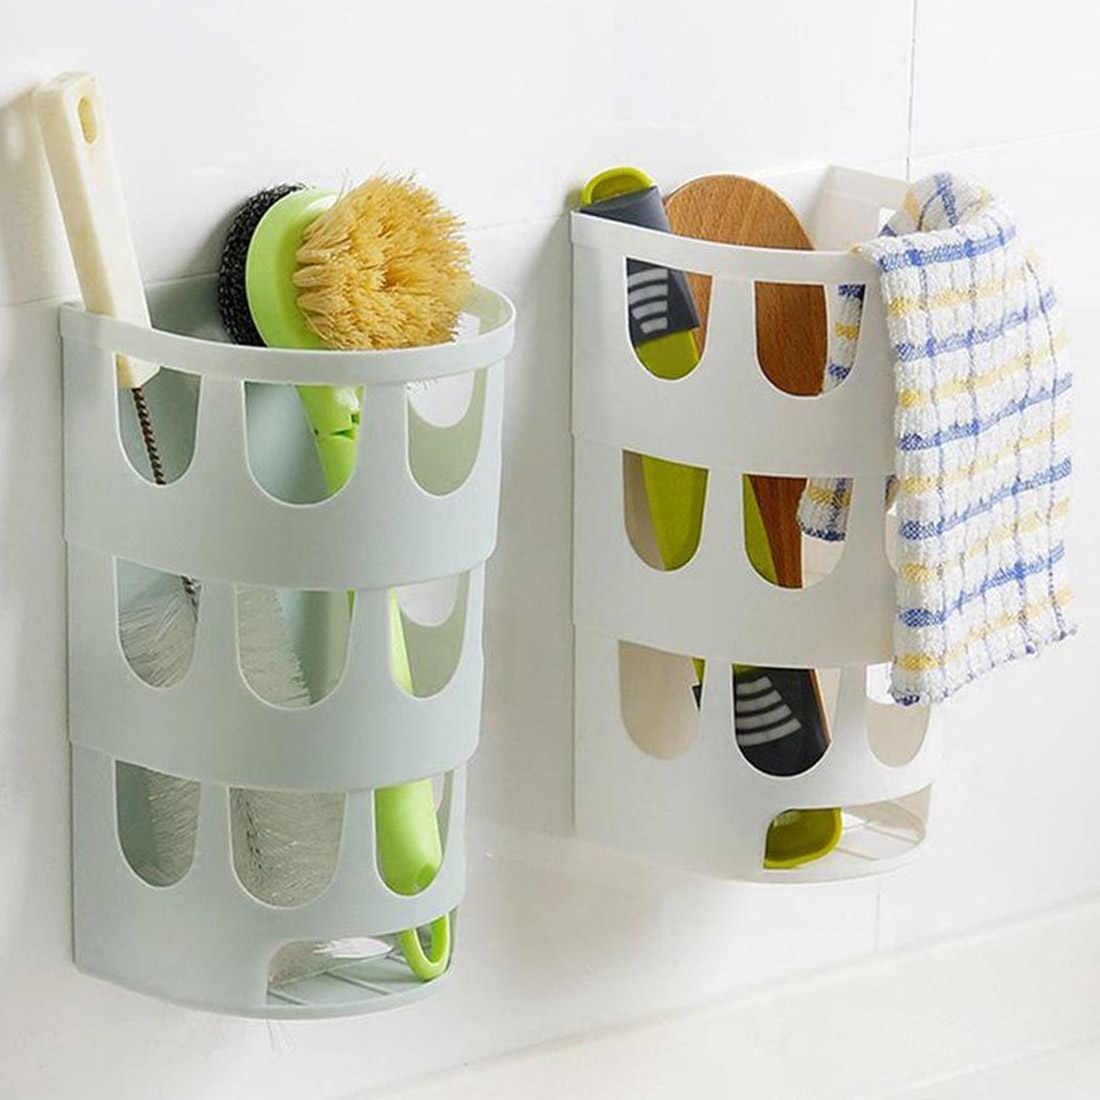 1 Pc Keuken Servies Diversen Organizer Multifunctionele Wand Gemonteerde Vuilniszakken Lade Opbergdoos Plastic Zakken Houder Rack